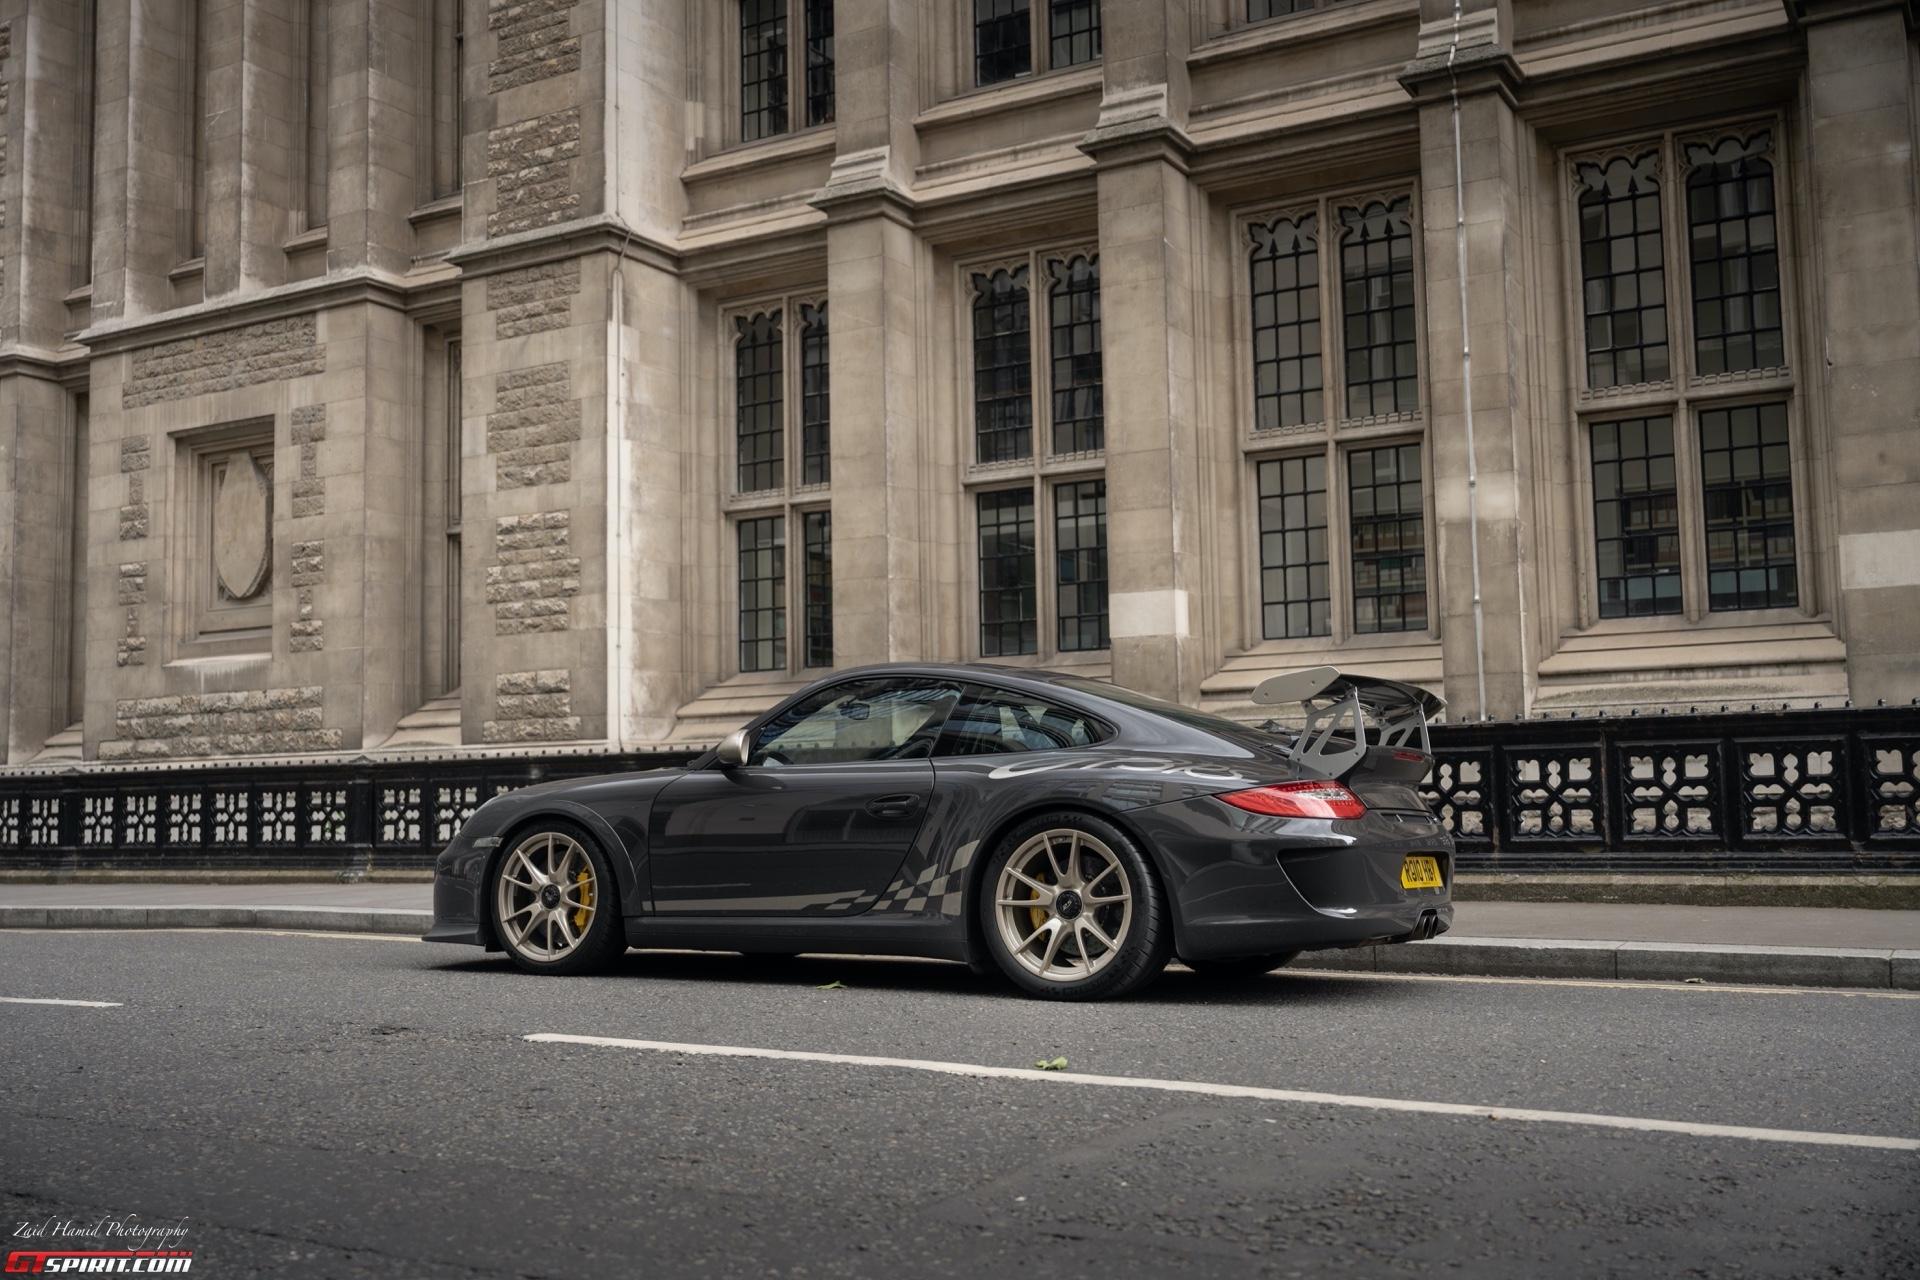 Modern Classics: 2010 Porsche 911 GT3 RS